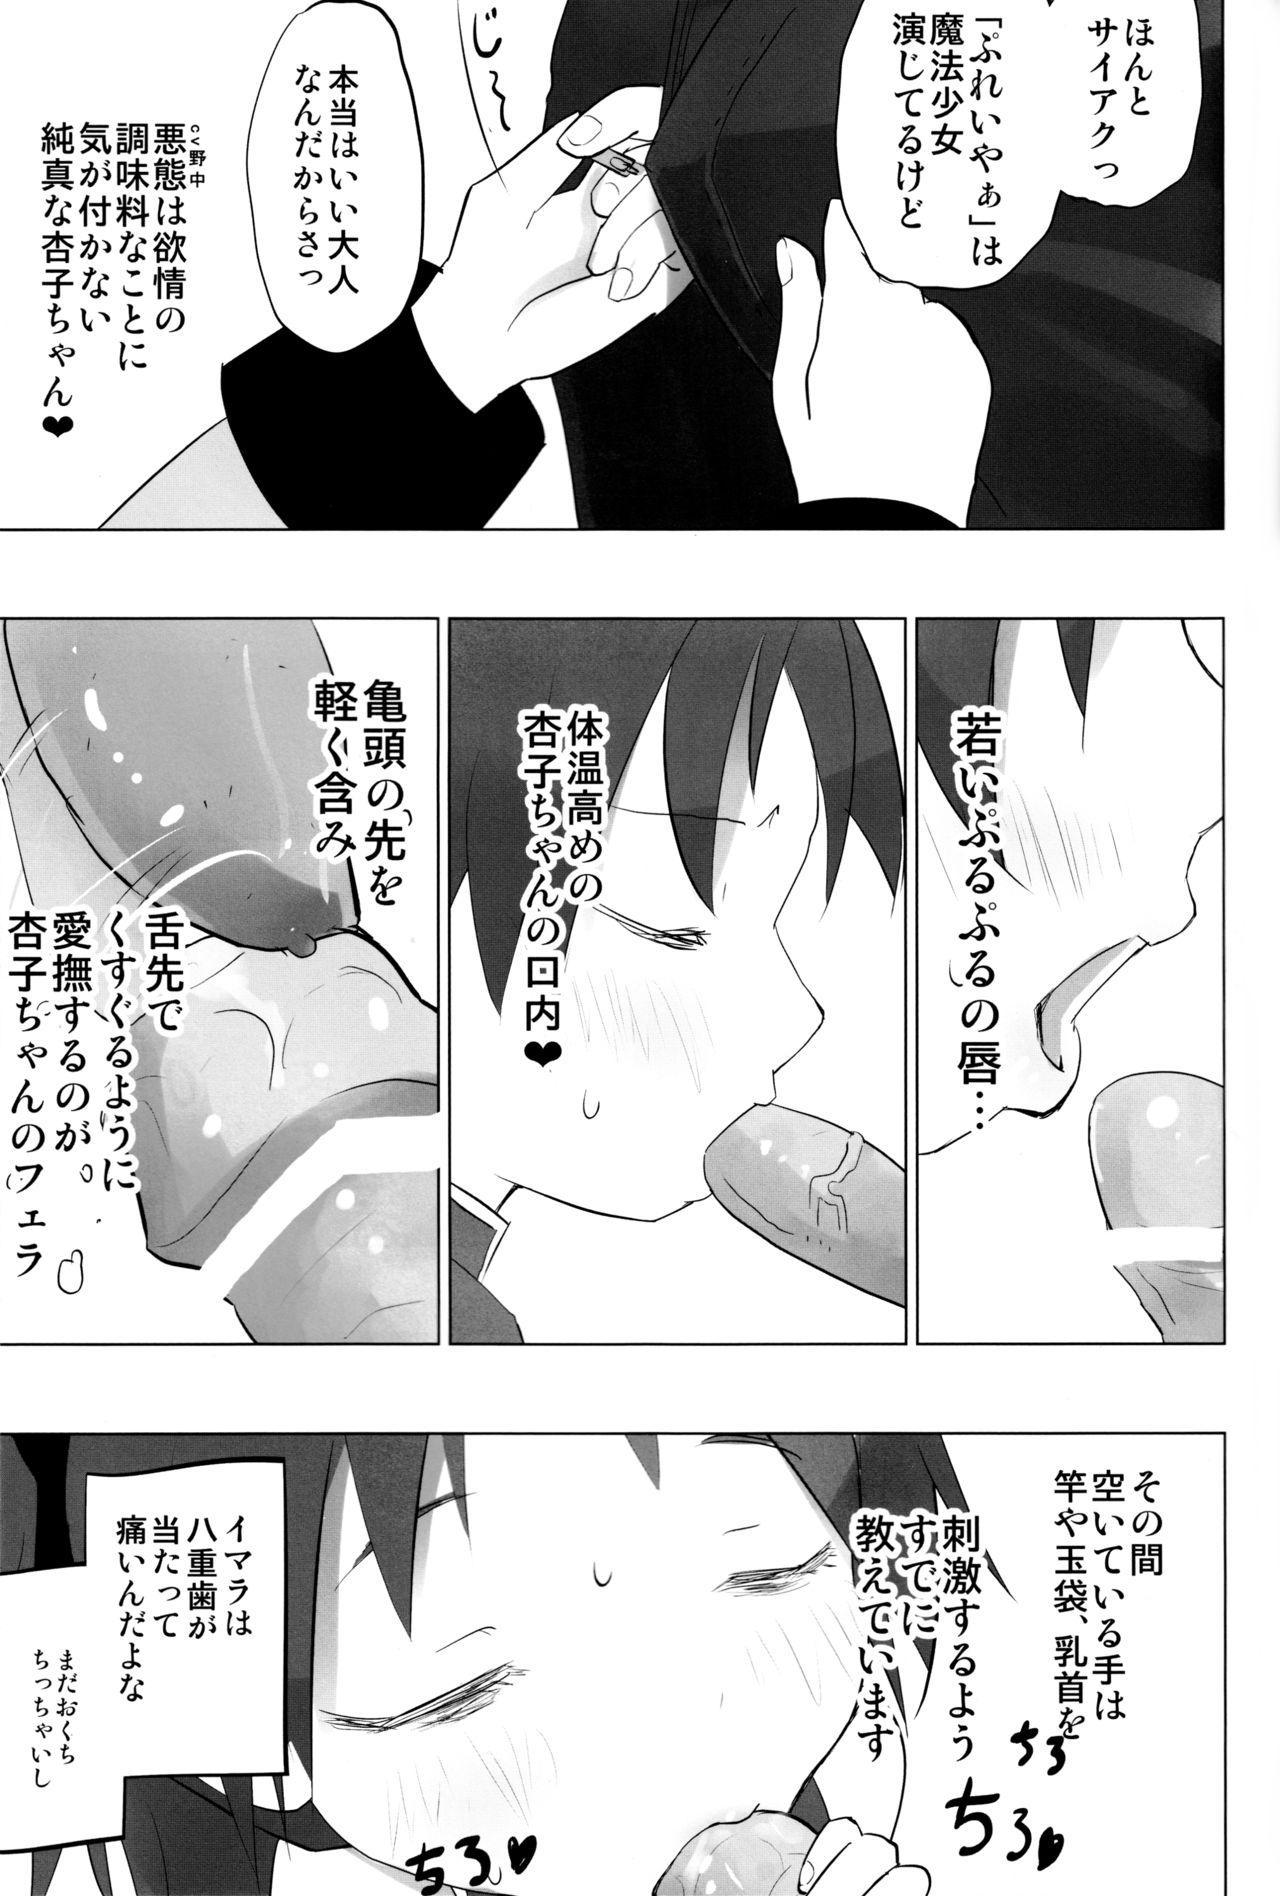 MadoOn no Sekai dato Ossan wa Mahou Shoujo de Sunao na Kyouko-chan o Tsuremawashite Zaiakukan Bokki 5